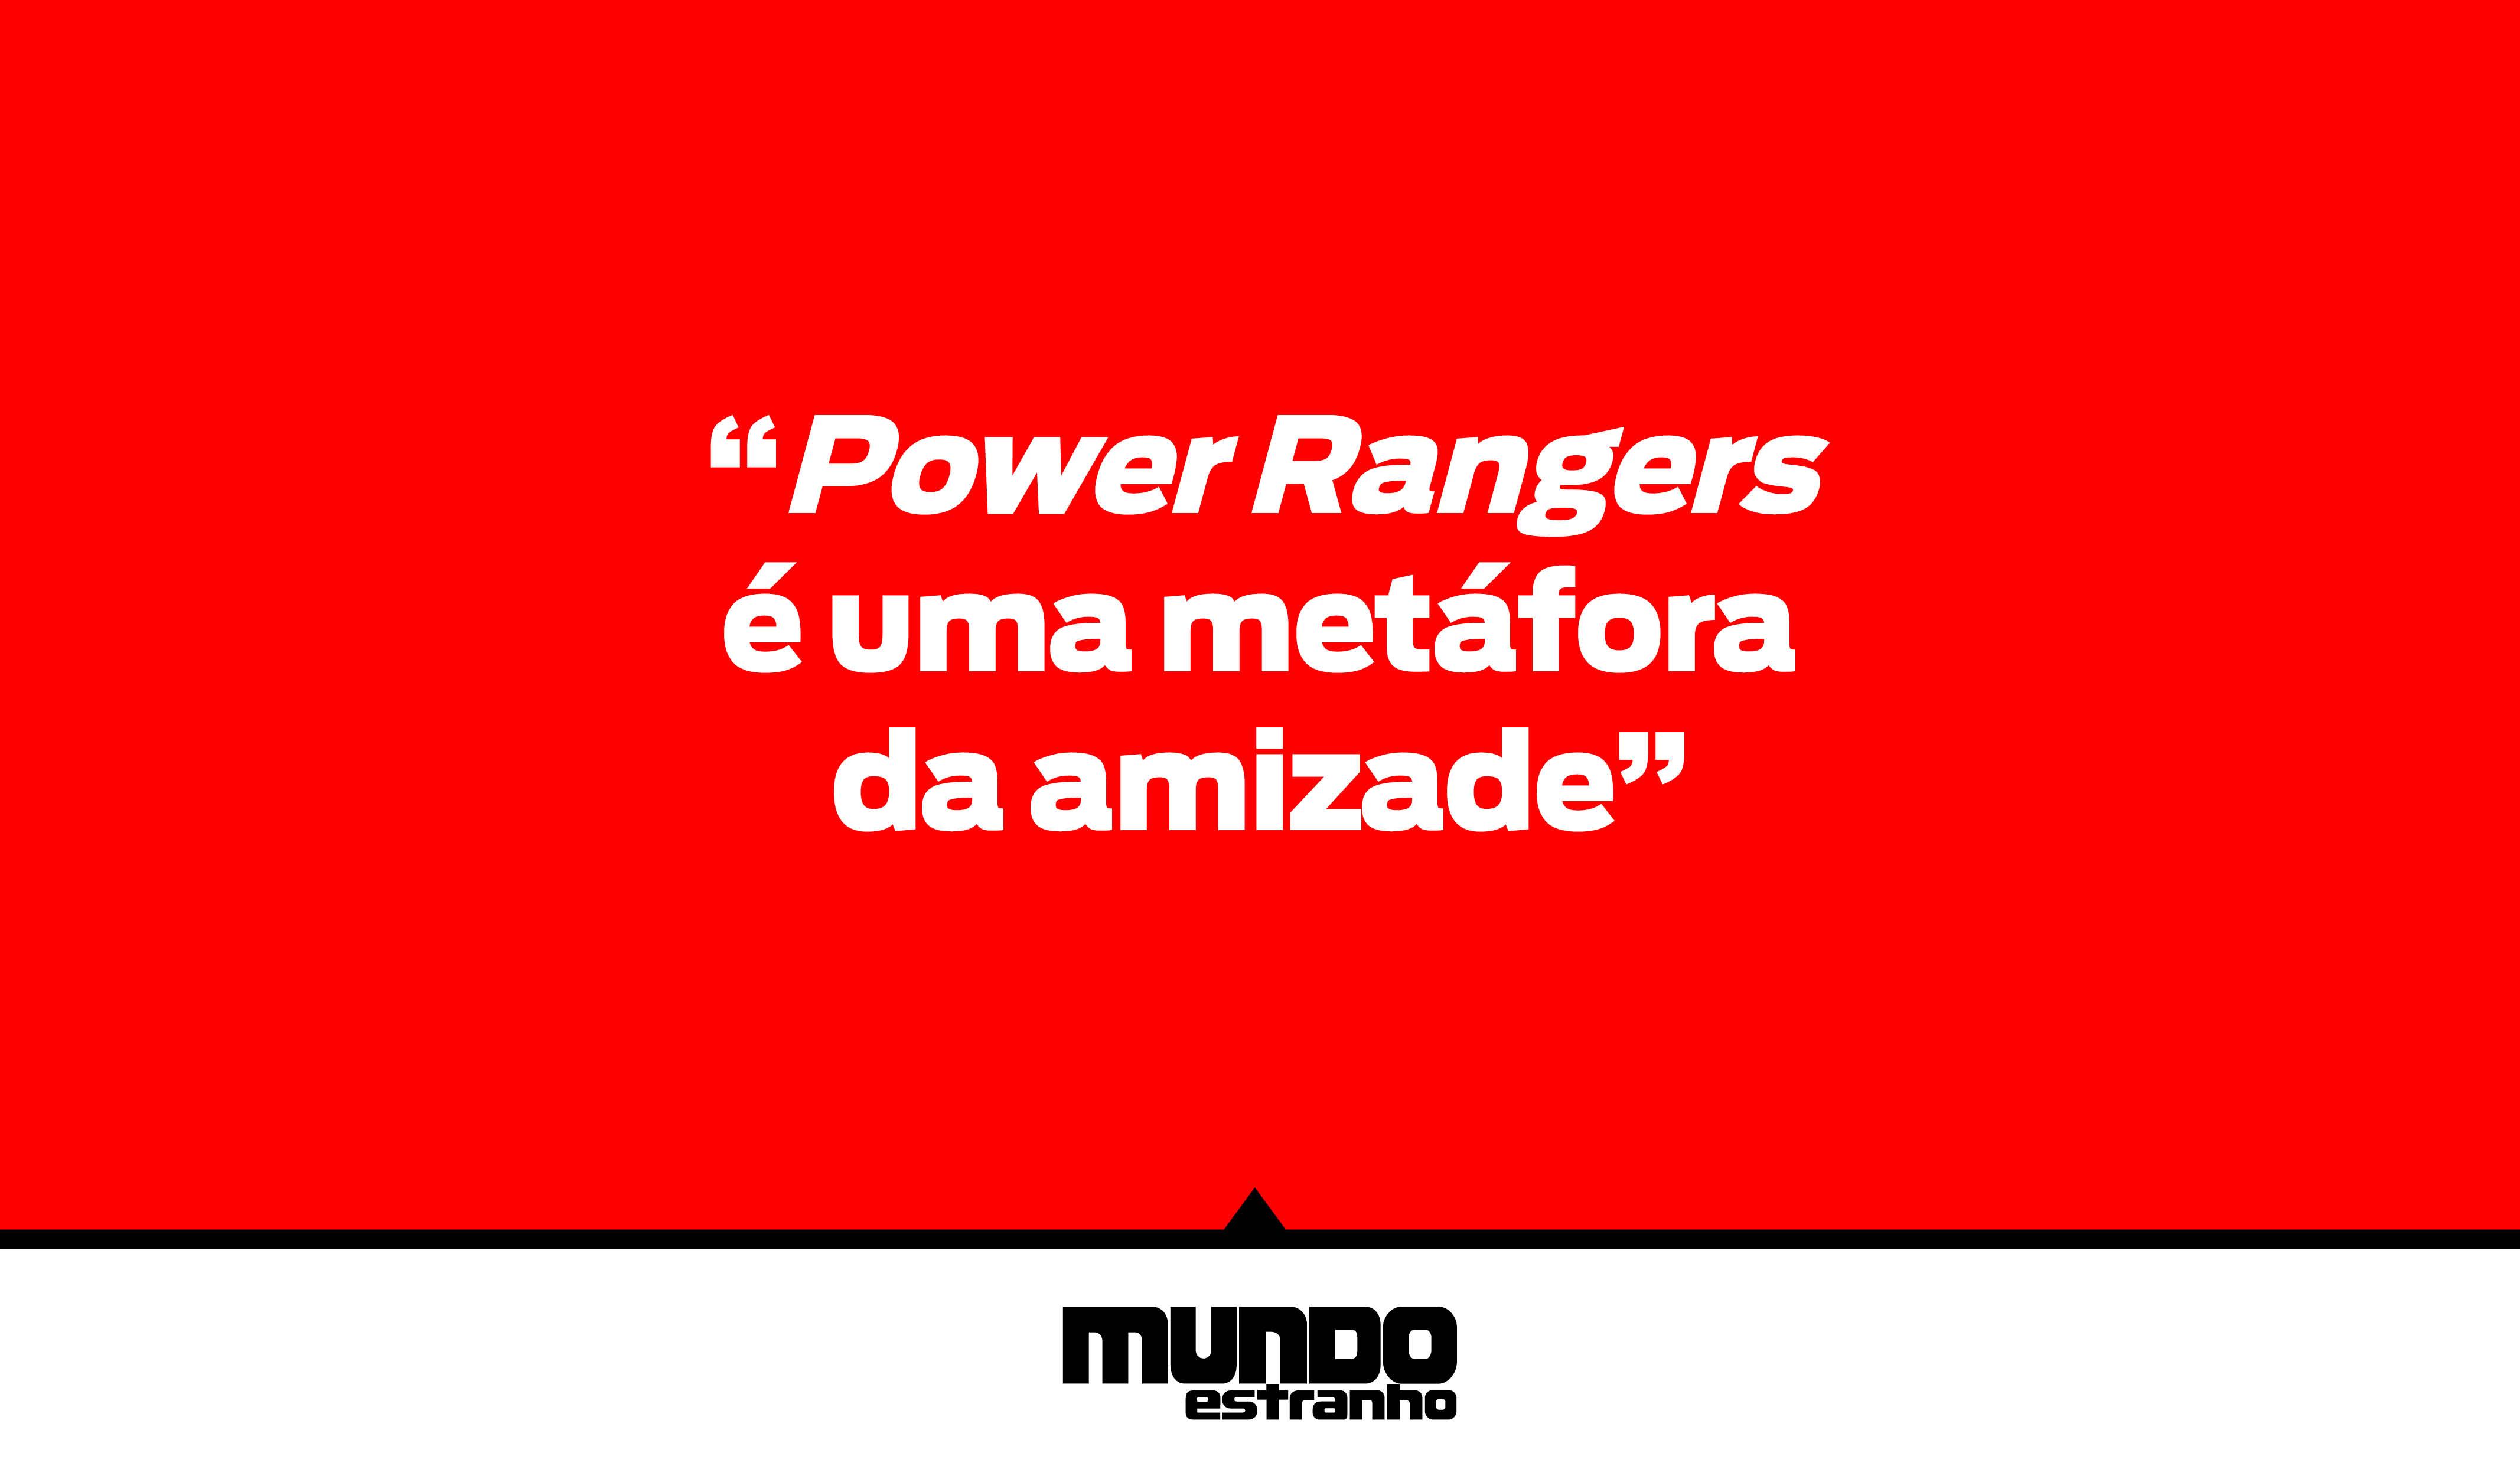 Power Rangers: Frases